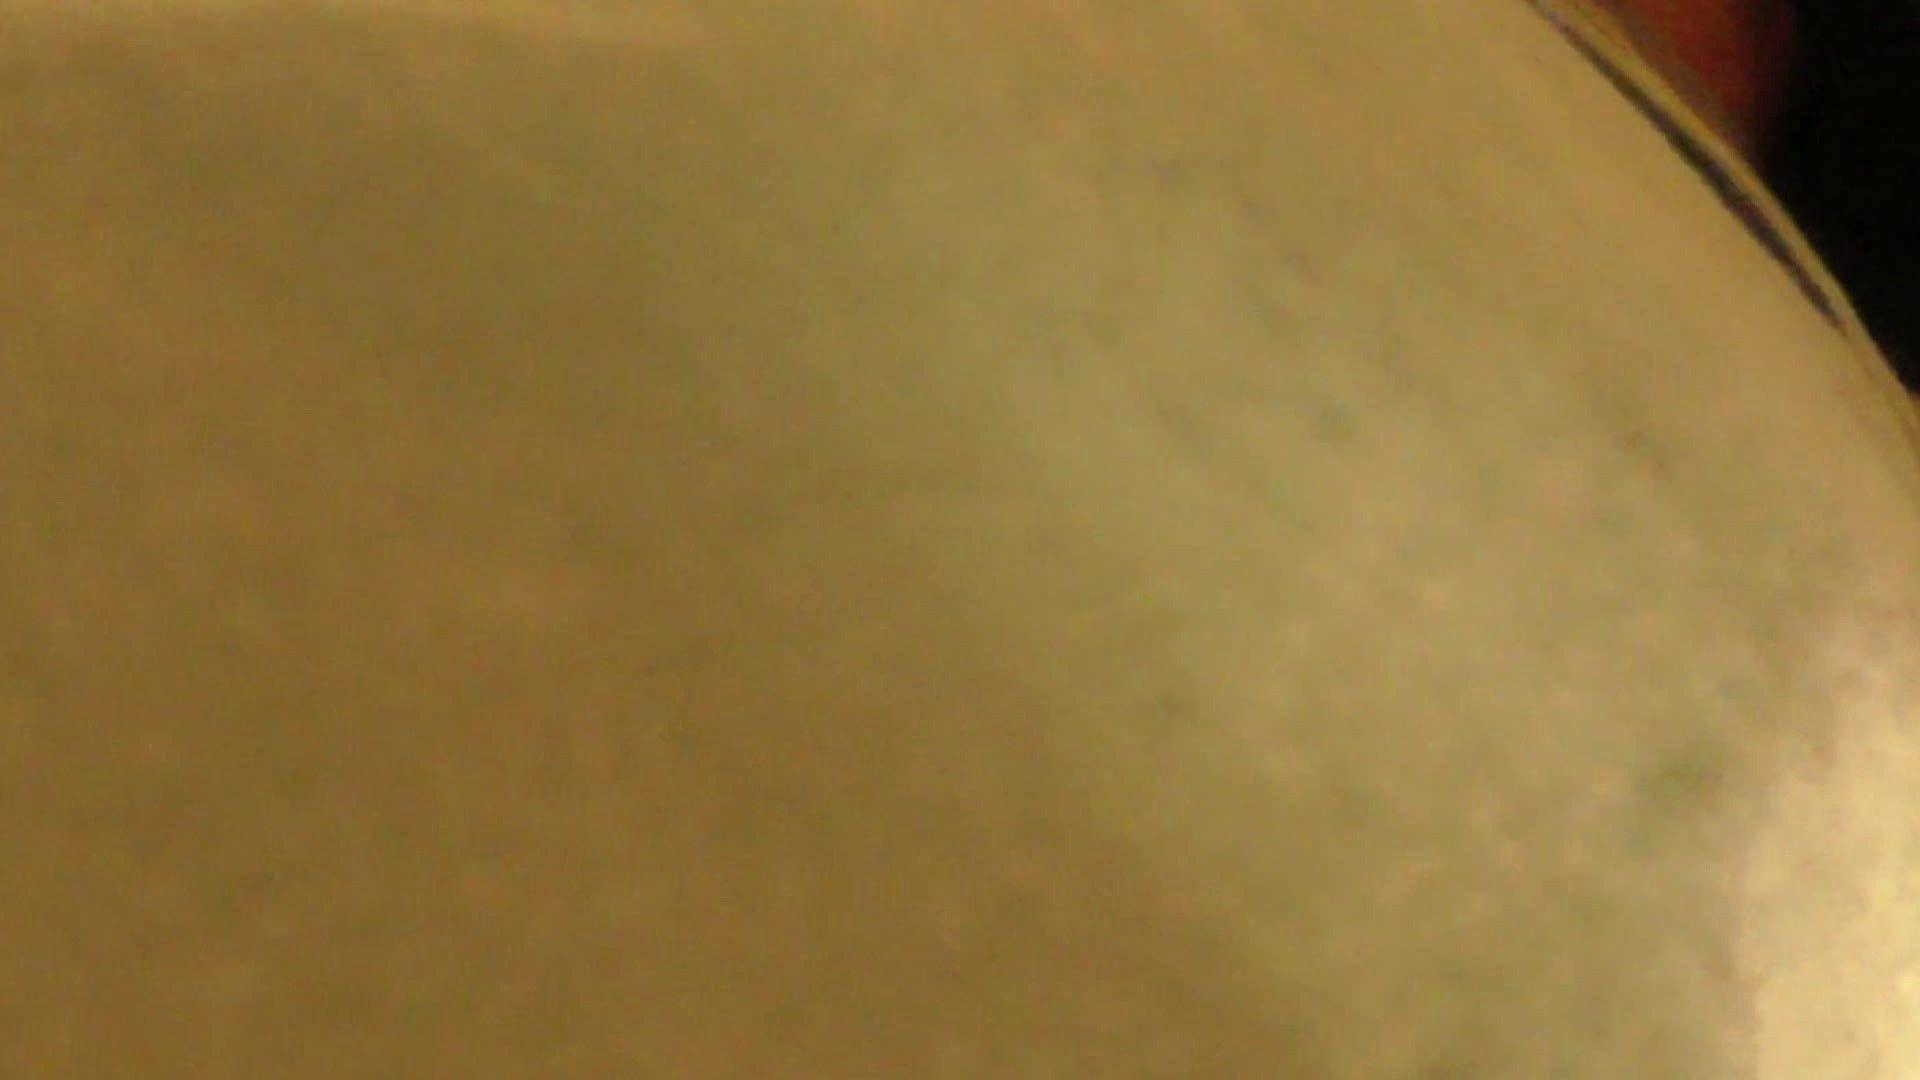 悪戯ネットカフェ Vol.08後編 なのでニュルっと【2015・26位】 丸見え おまんこ動画流出 86枚 73